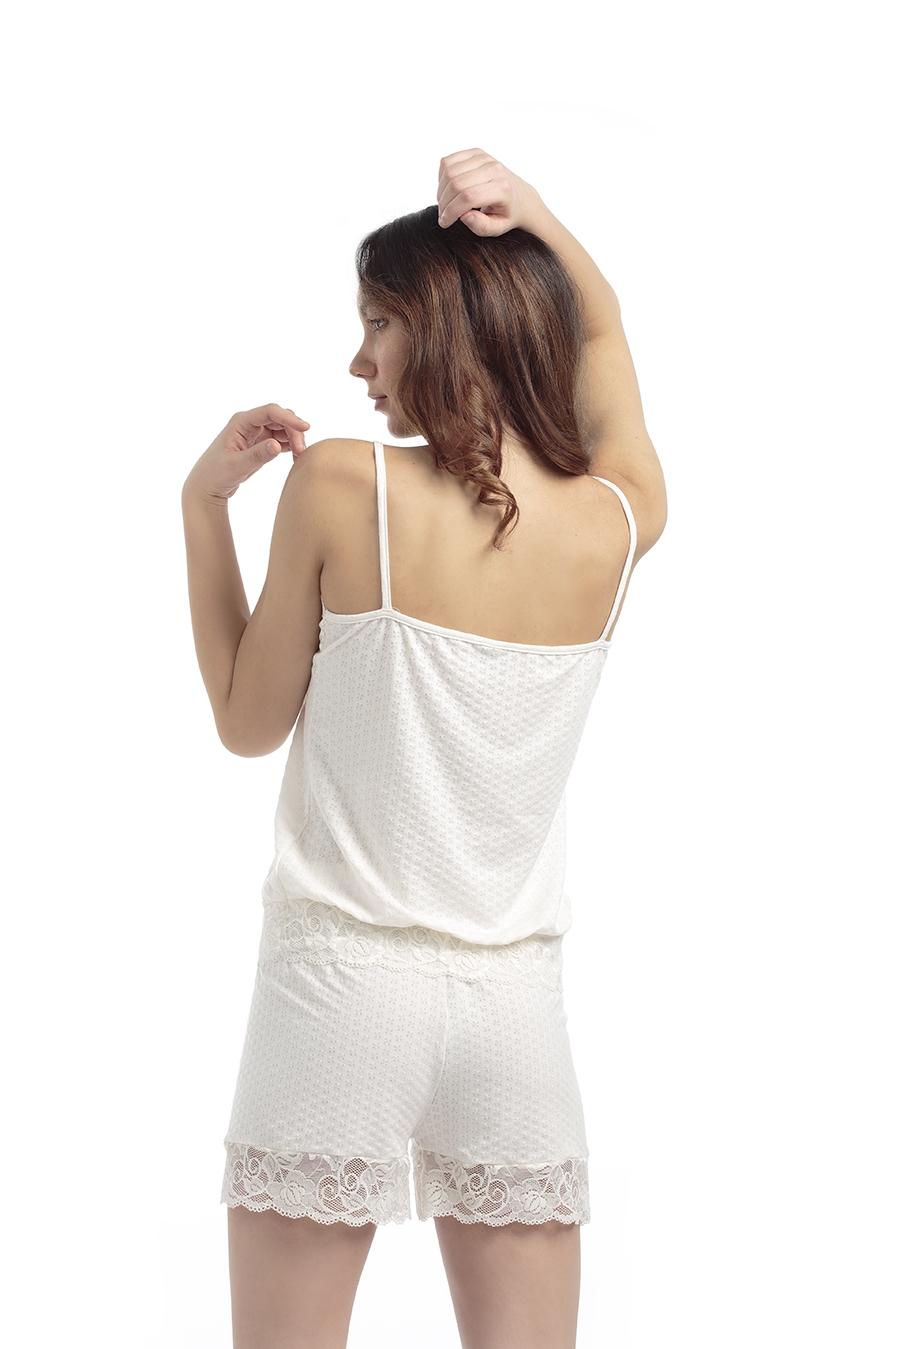 ART. PG04 Pigiama donna corto, canotta spalle strette con pizzo e pantaloncino corto con pizzo in fondo